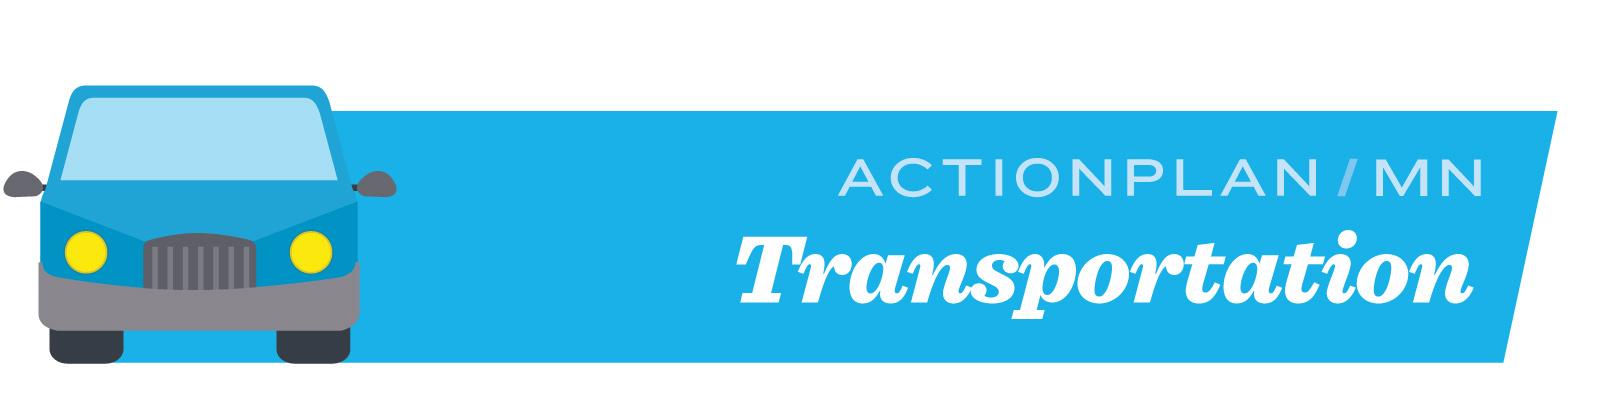 ActionPlanMN-5-Transportation-b.jpg